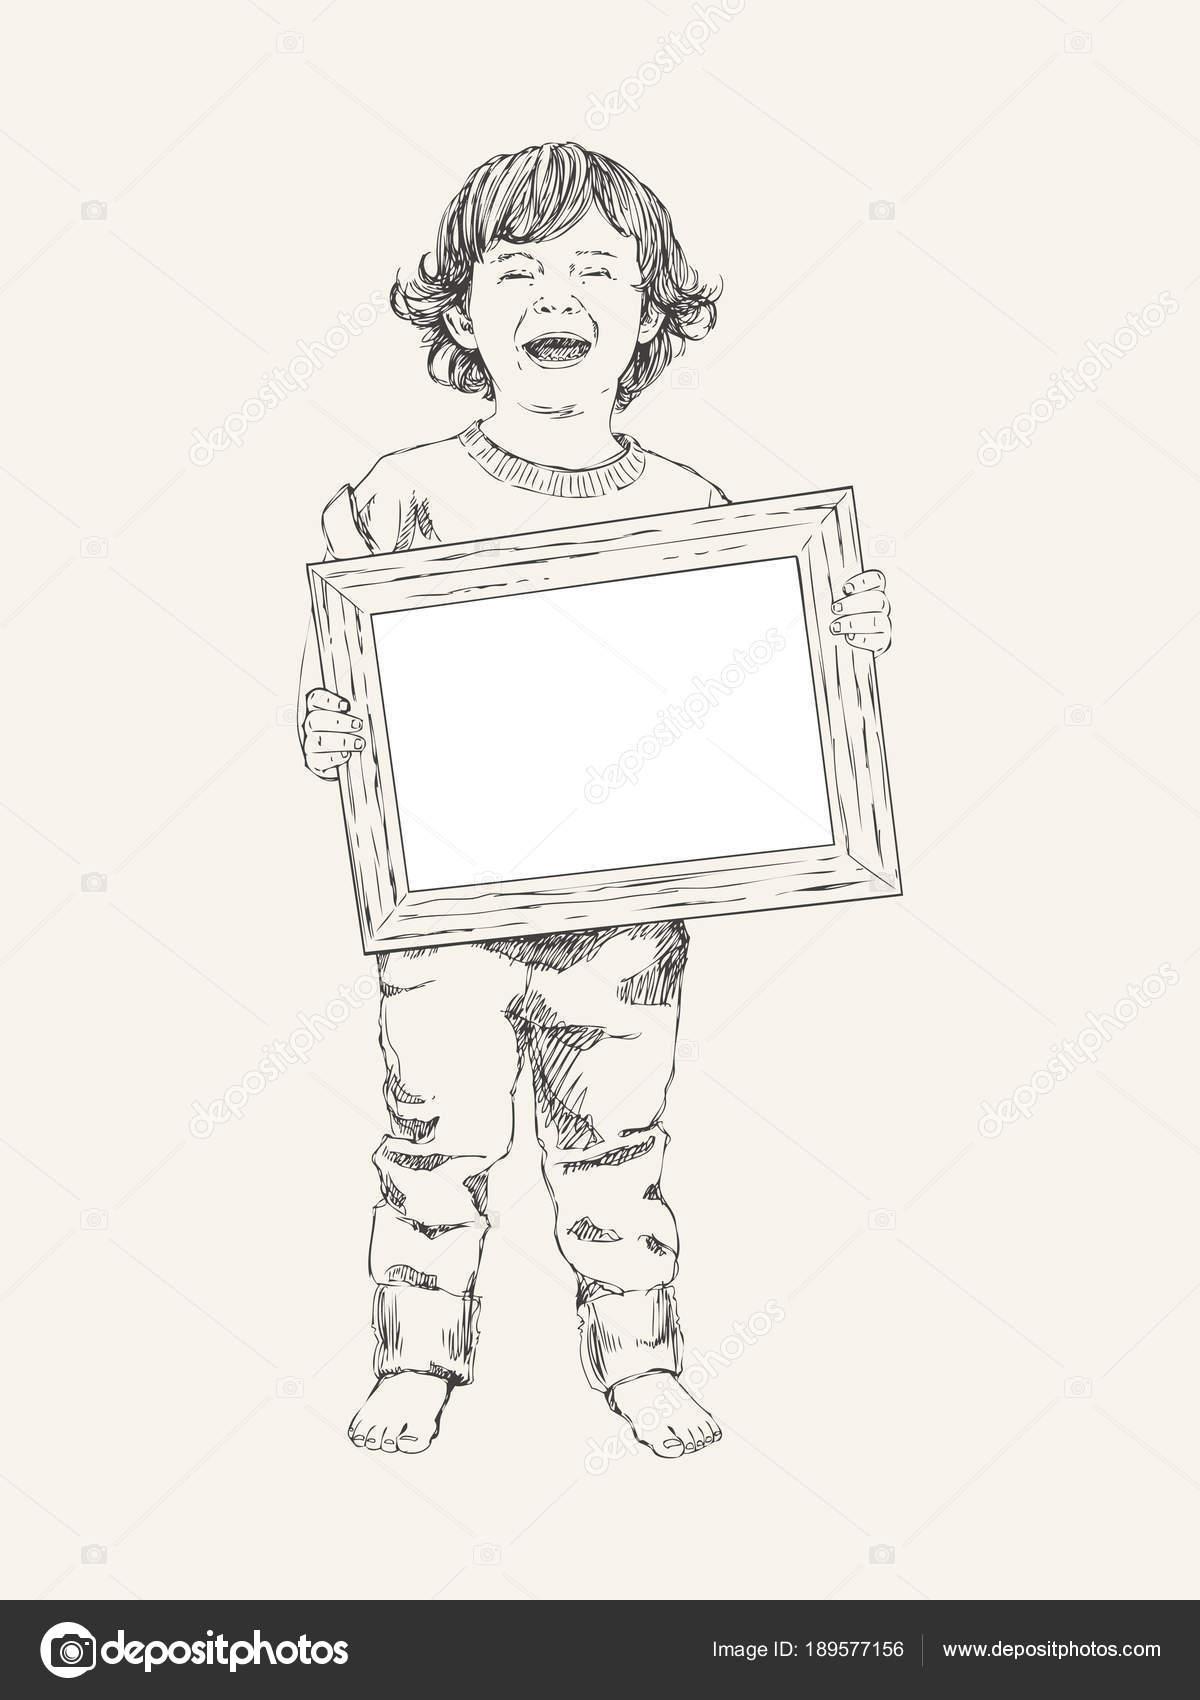 vektor skizze von gl cklichen kindern junge mit rahmen. Black Bedroom Furniture Sets. Home Design Ideas